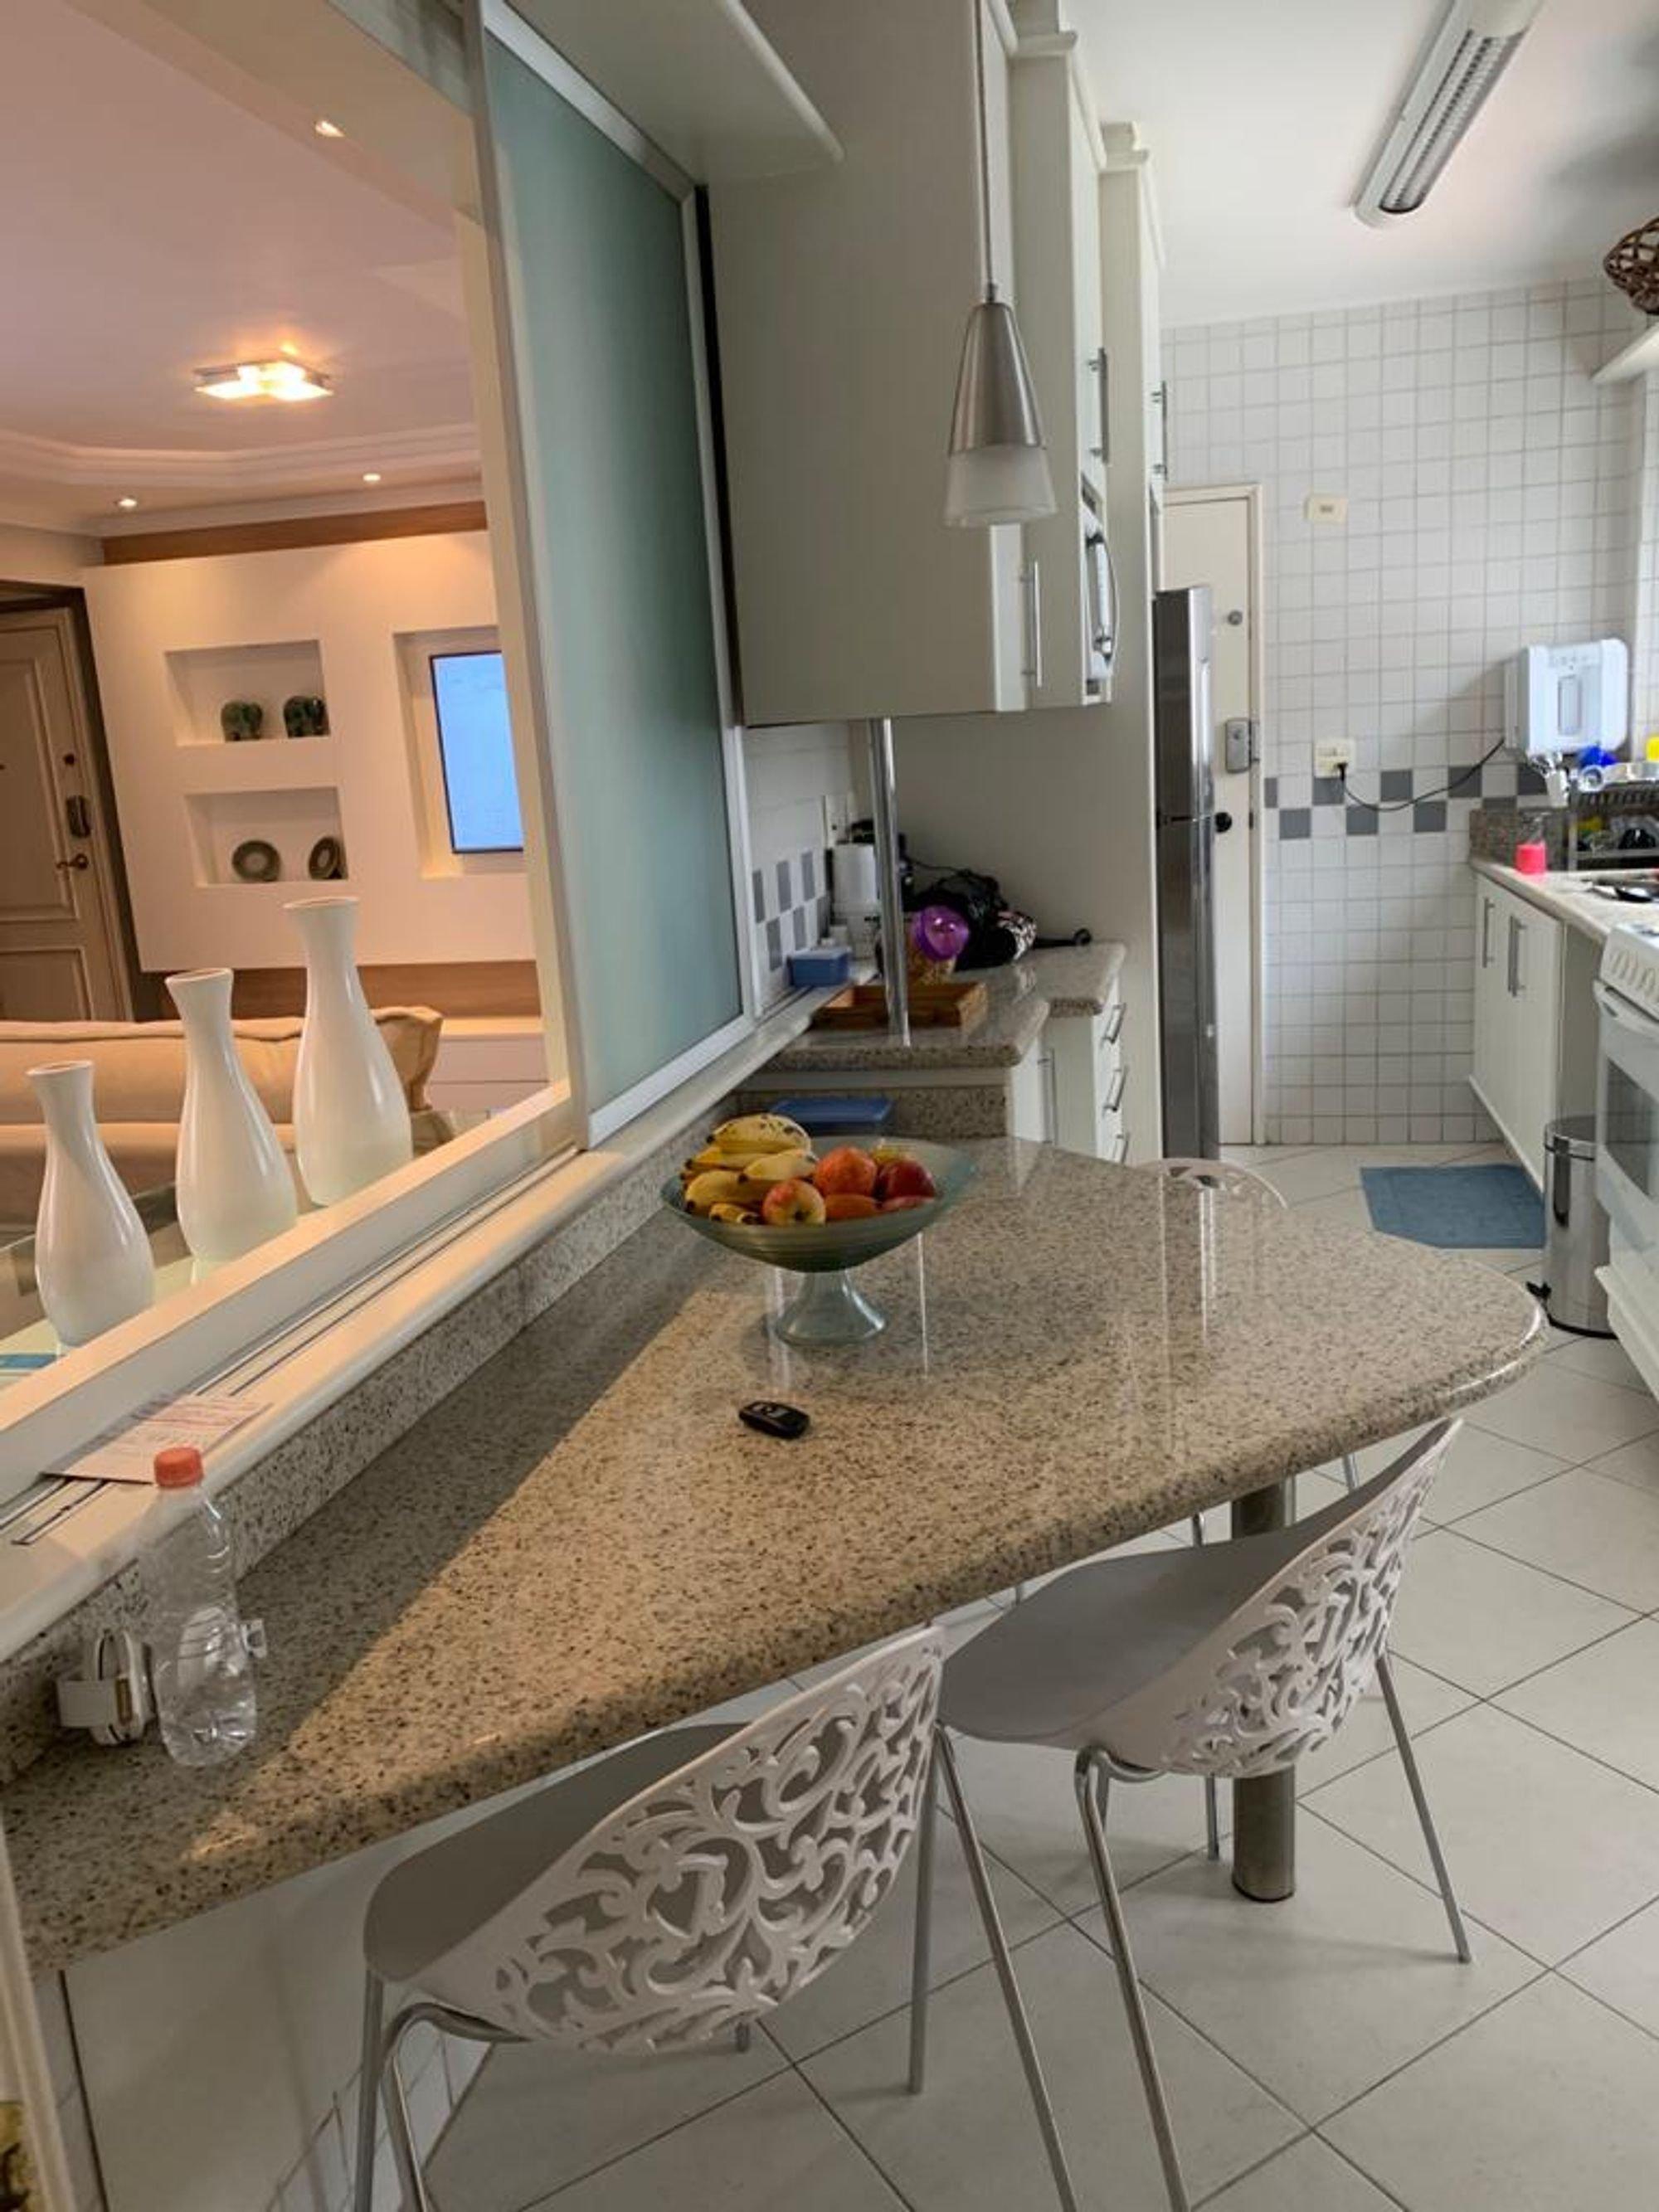 Foto de Cozinha com maçã, forno, cadeira, mesa de jantar, vaso, garrafa, tigela, geladeira